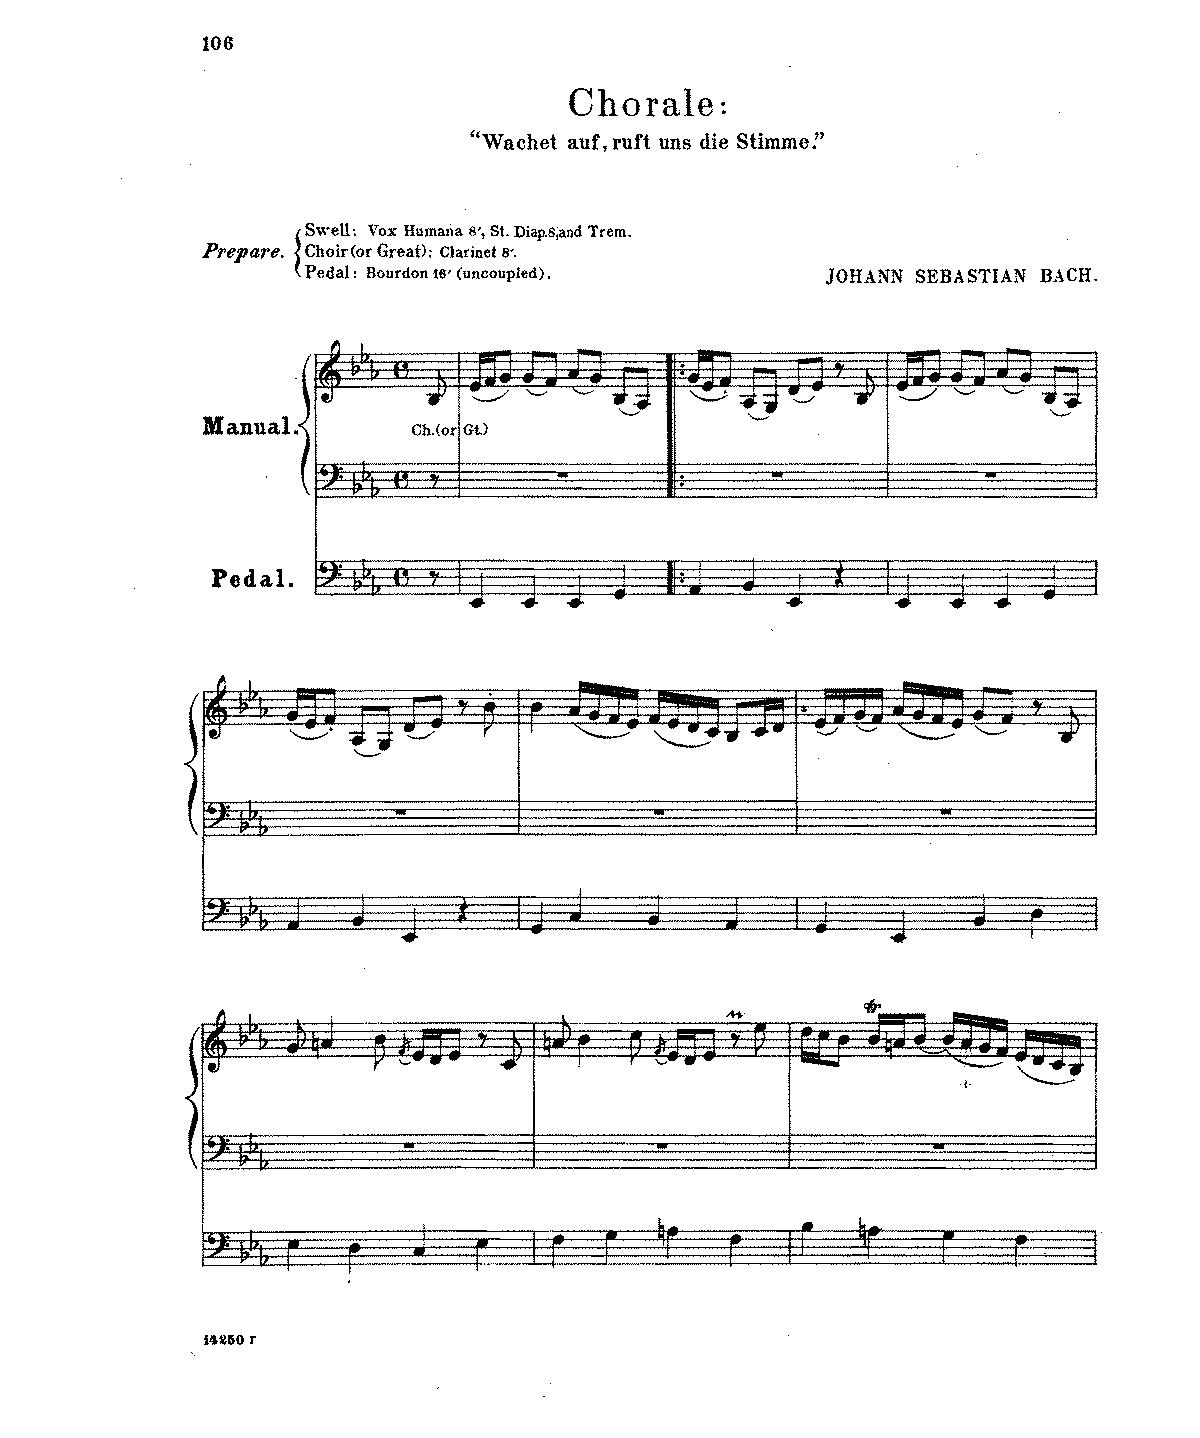 e7d3f94e06f29b92fb2e403a3fe02d7c3a39cd50 - Down By The Salley Gardens Britten Sheet Music Pdf